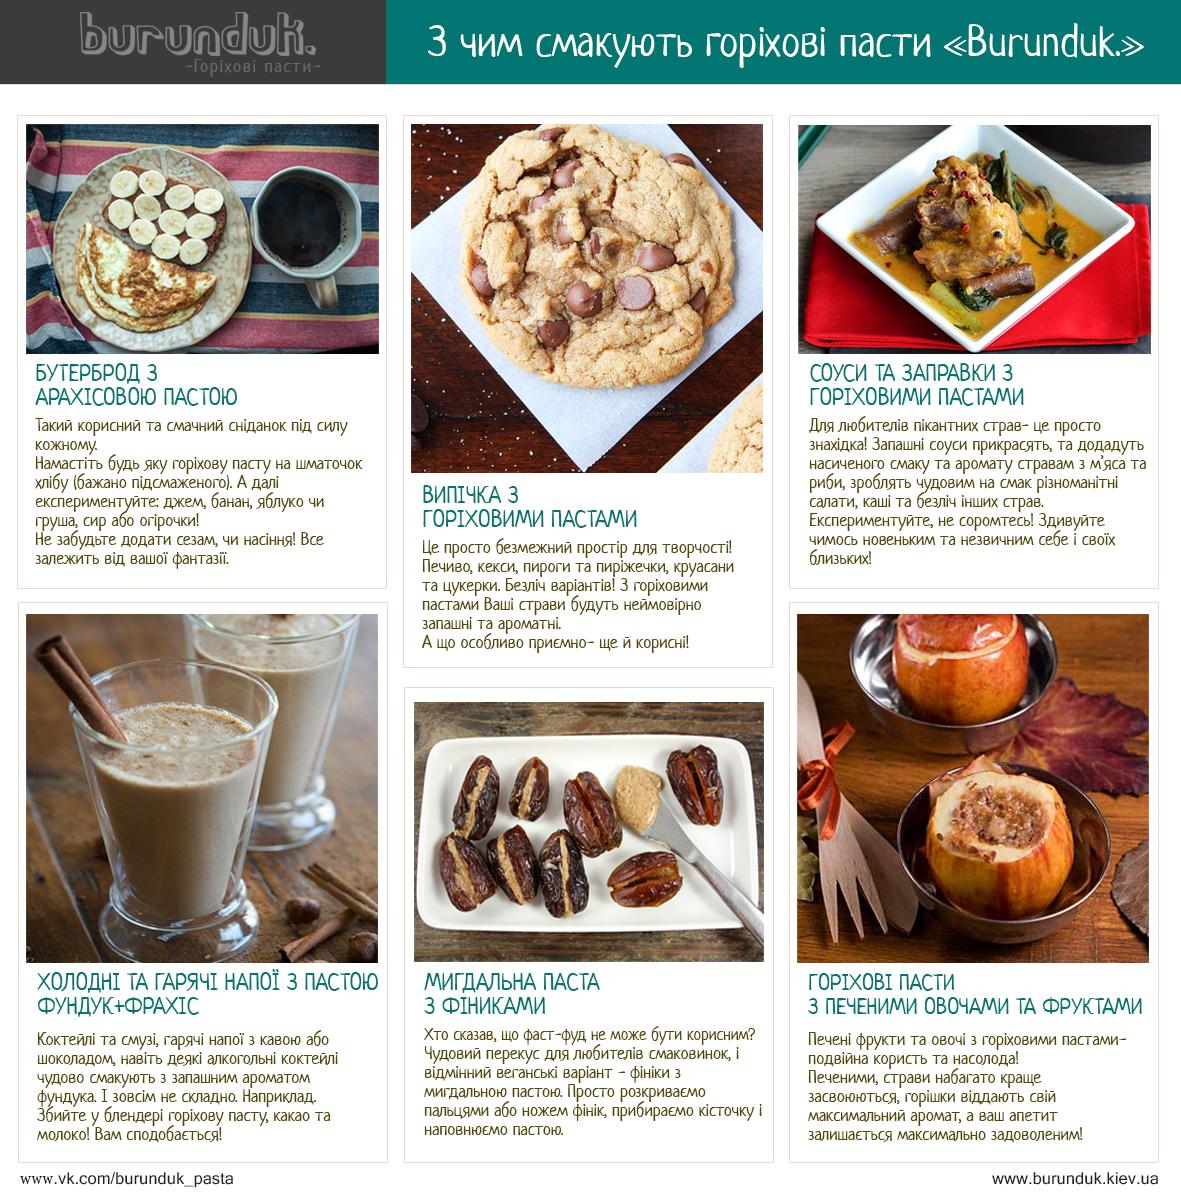 Арахисовая паста. Рецепты